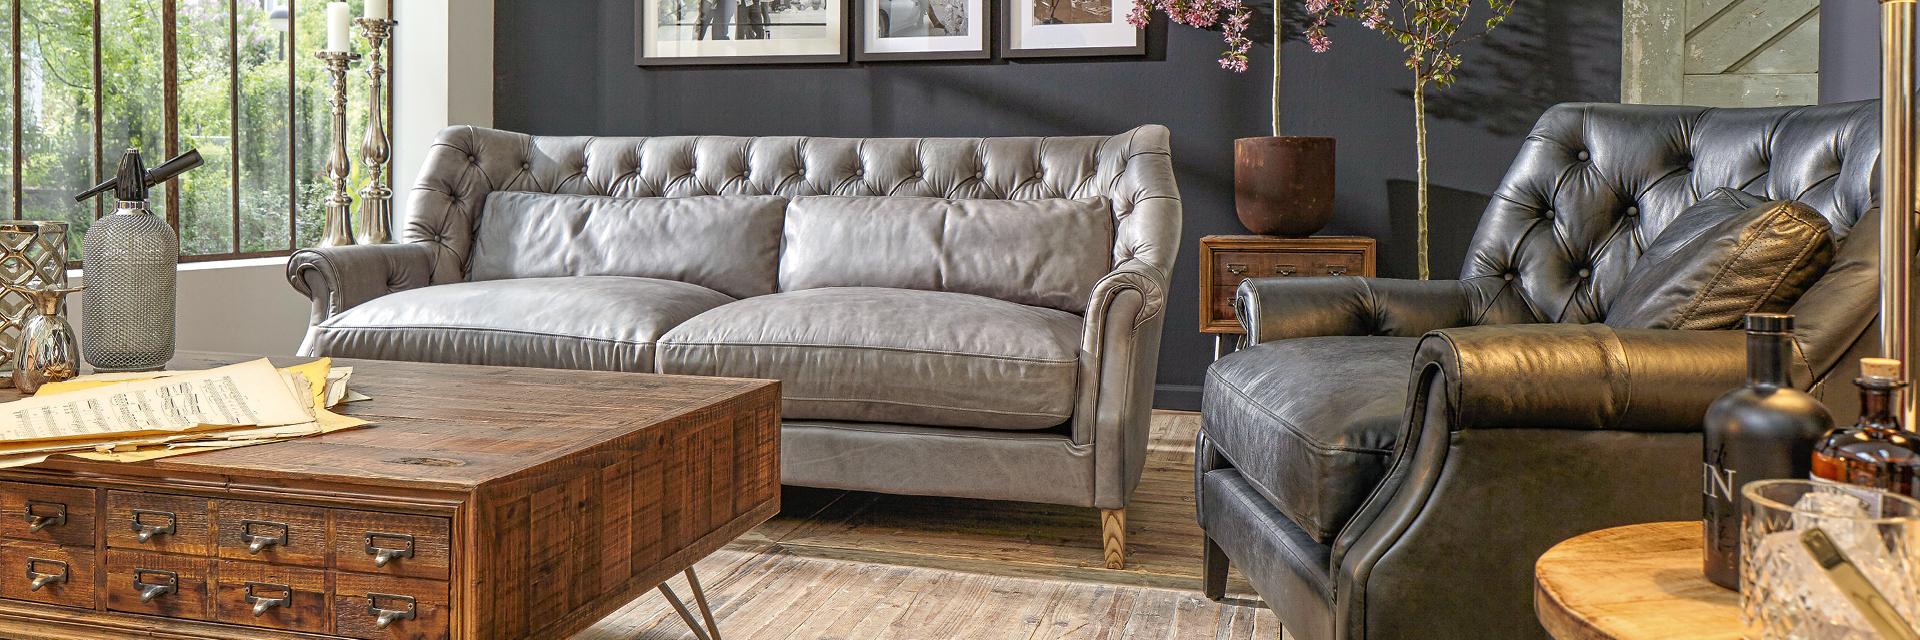 Englisch, Design, Möbel